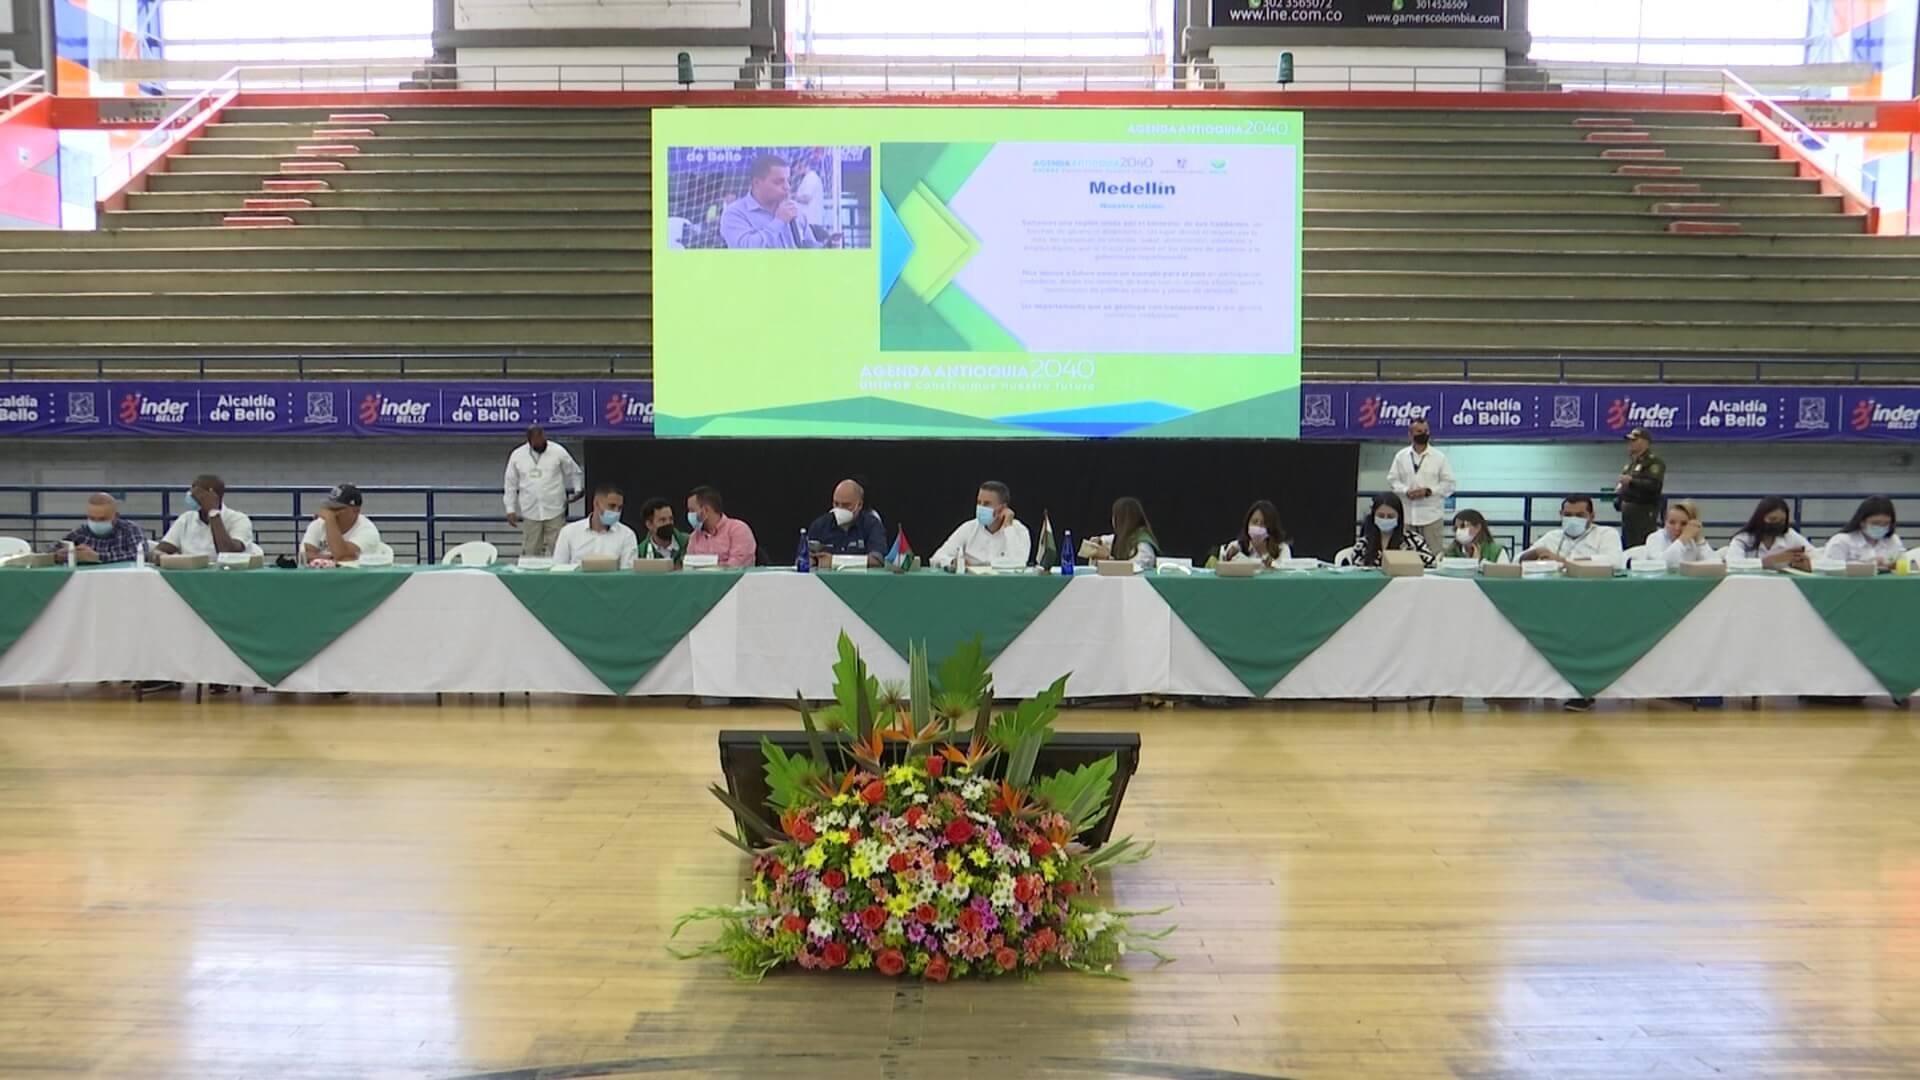 Concluyeron encuentros zonales en Antioquia 2040